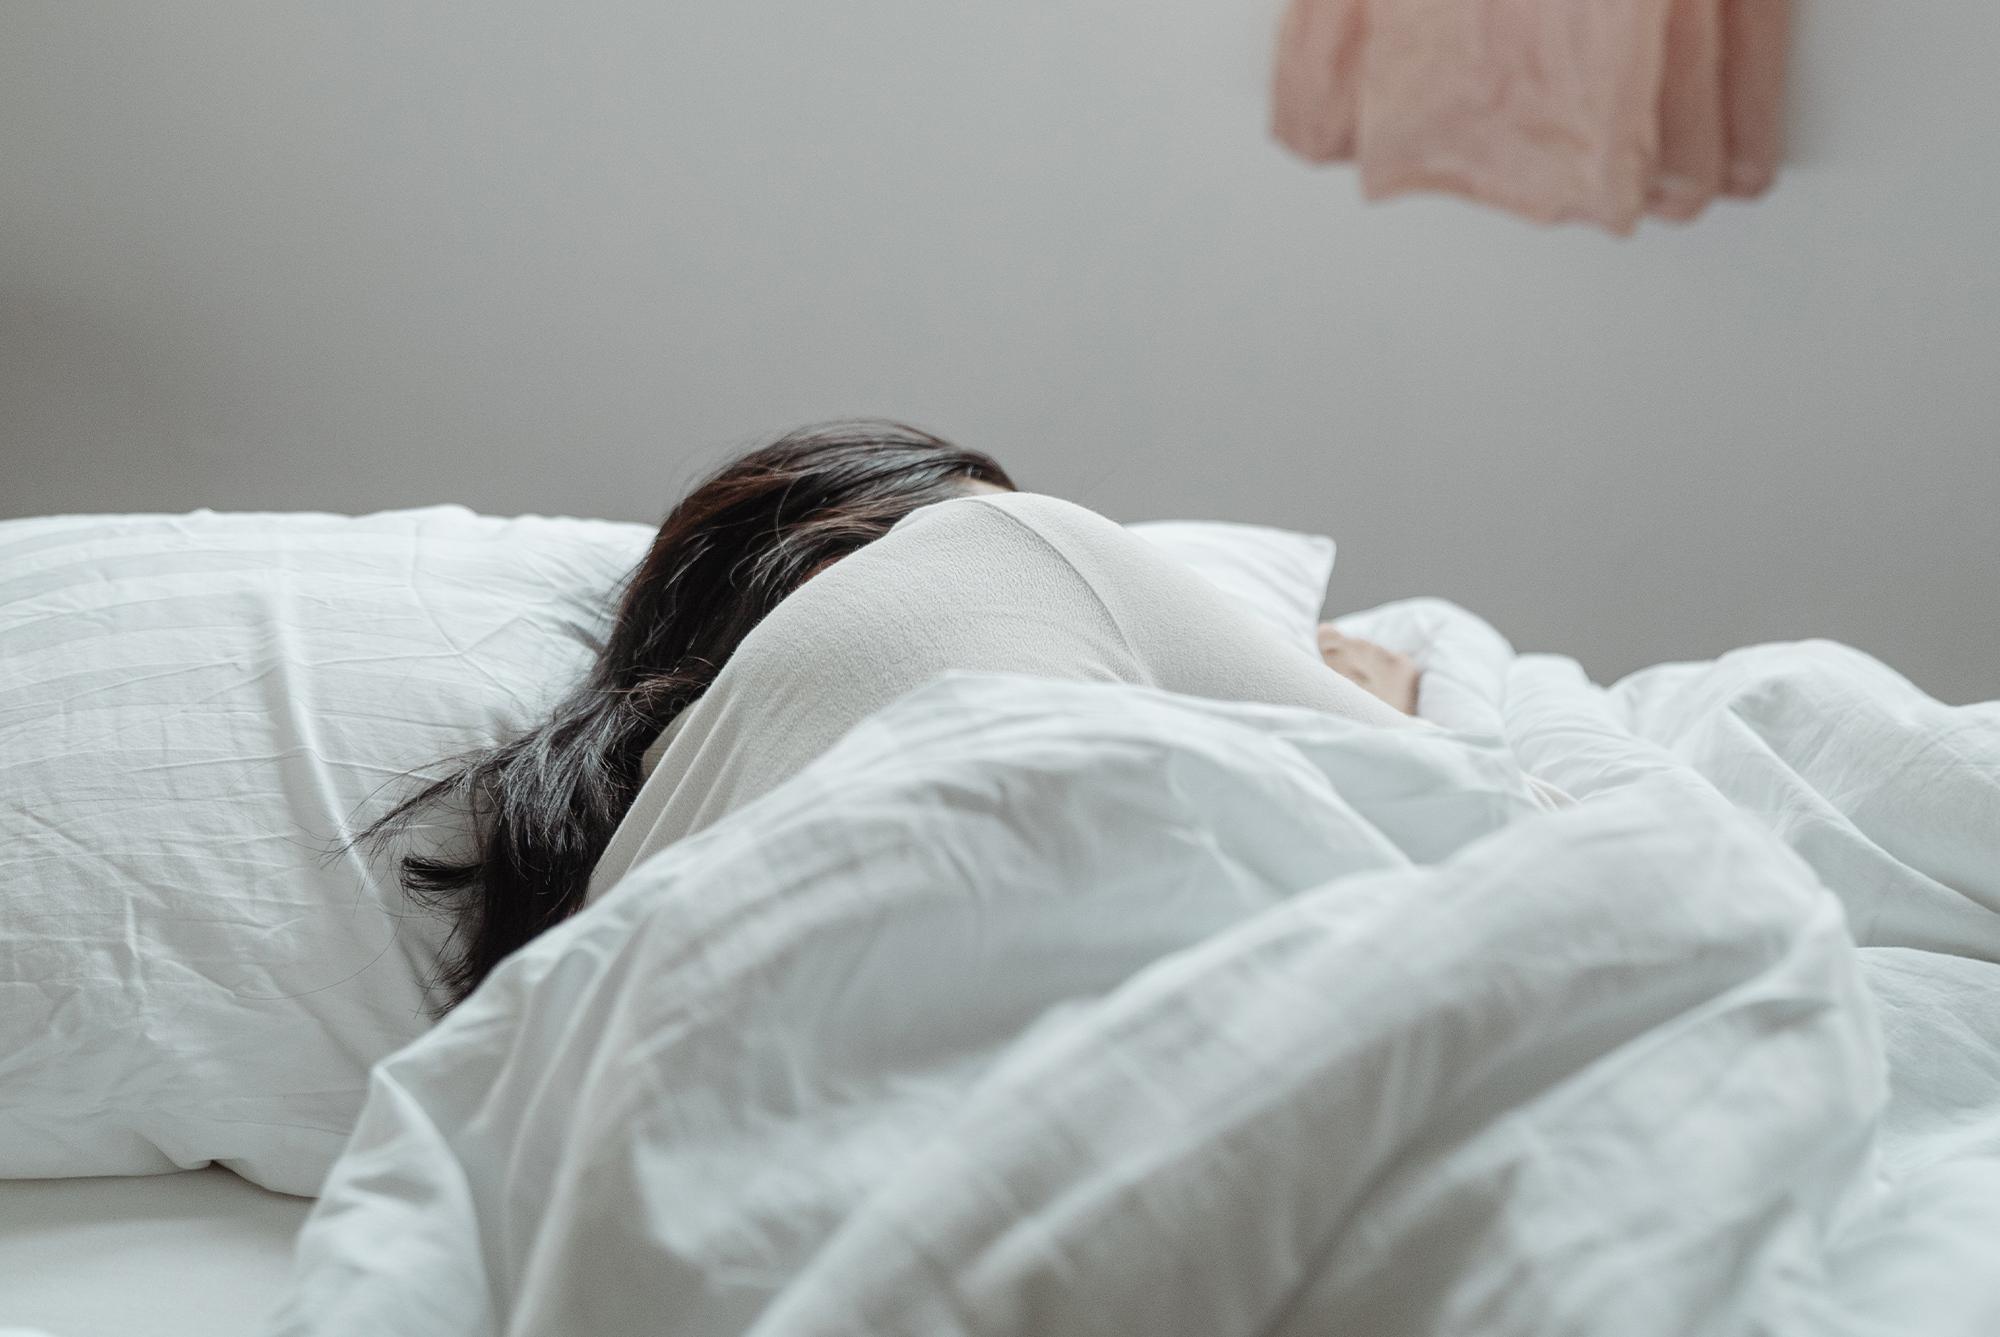 La importancia de descansar bien_2000x1337px